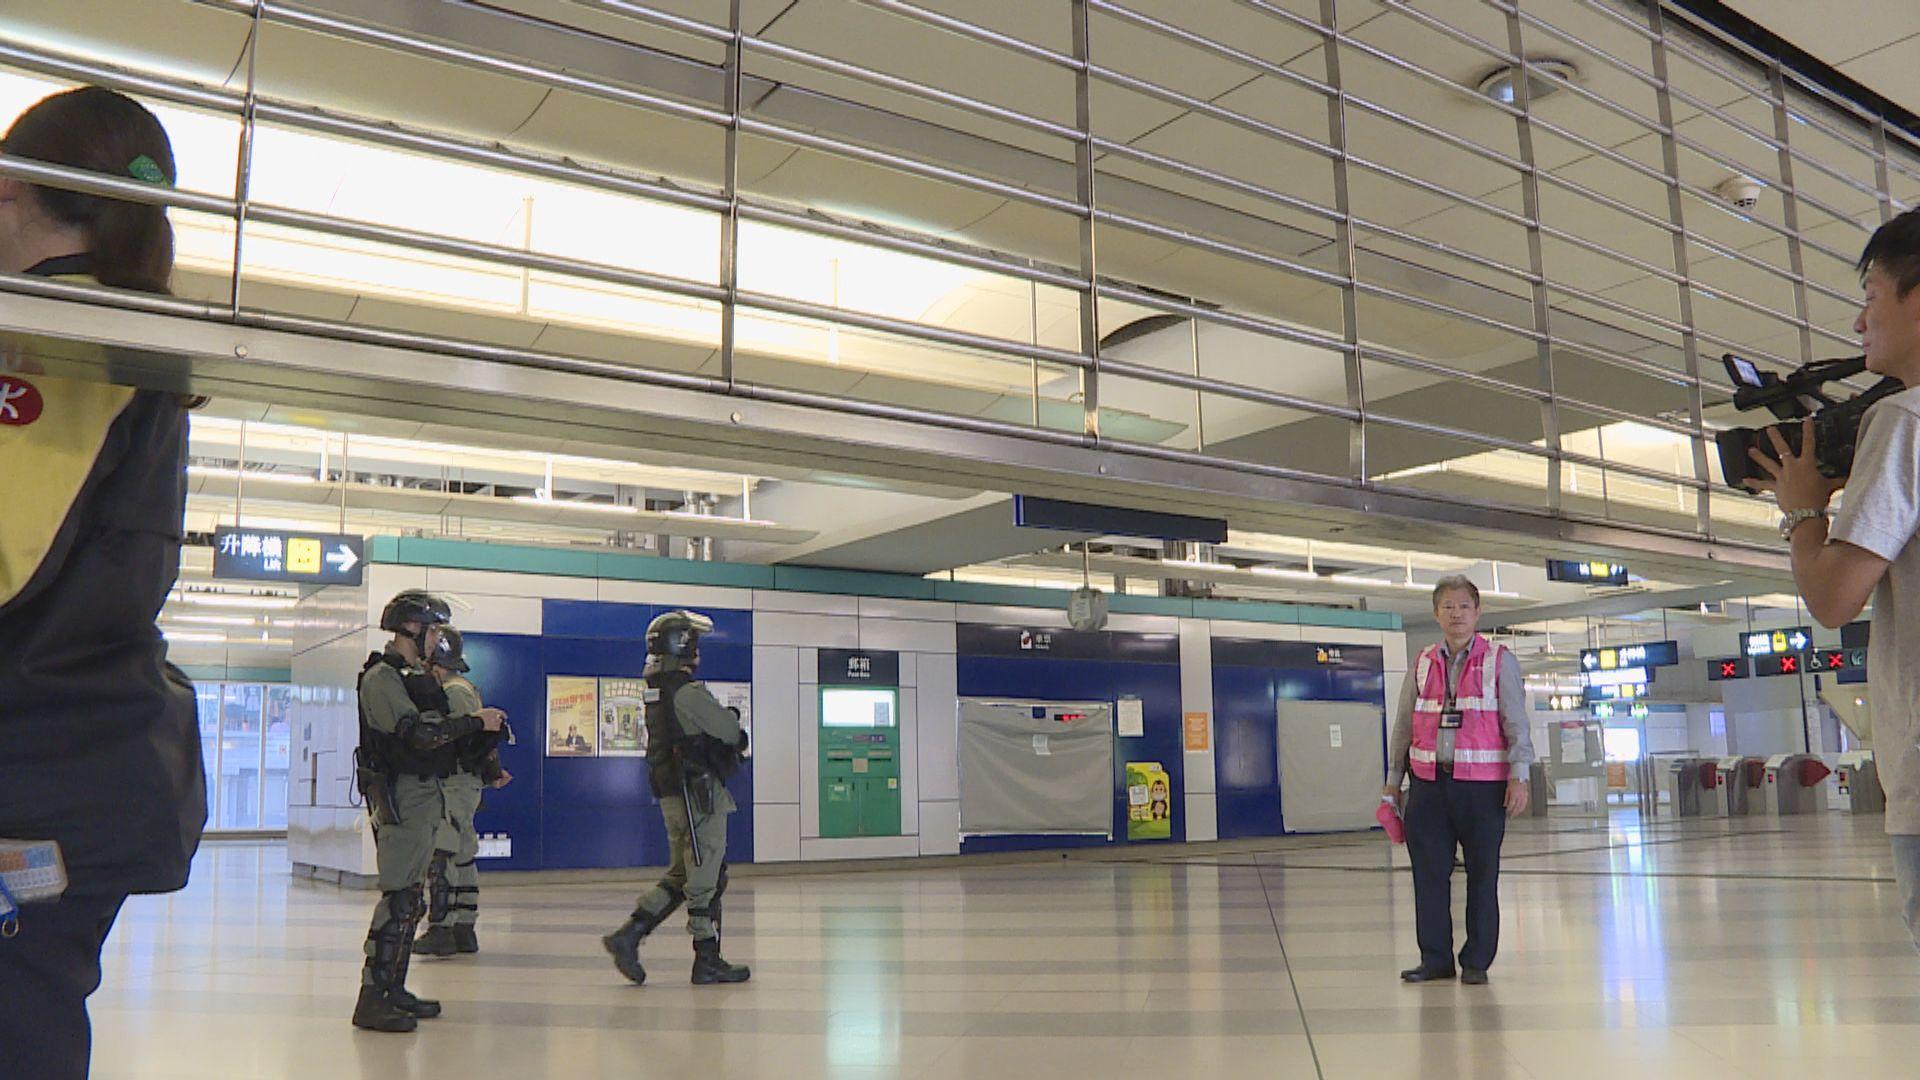 元朗站本月21日將如常運作